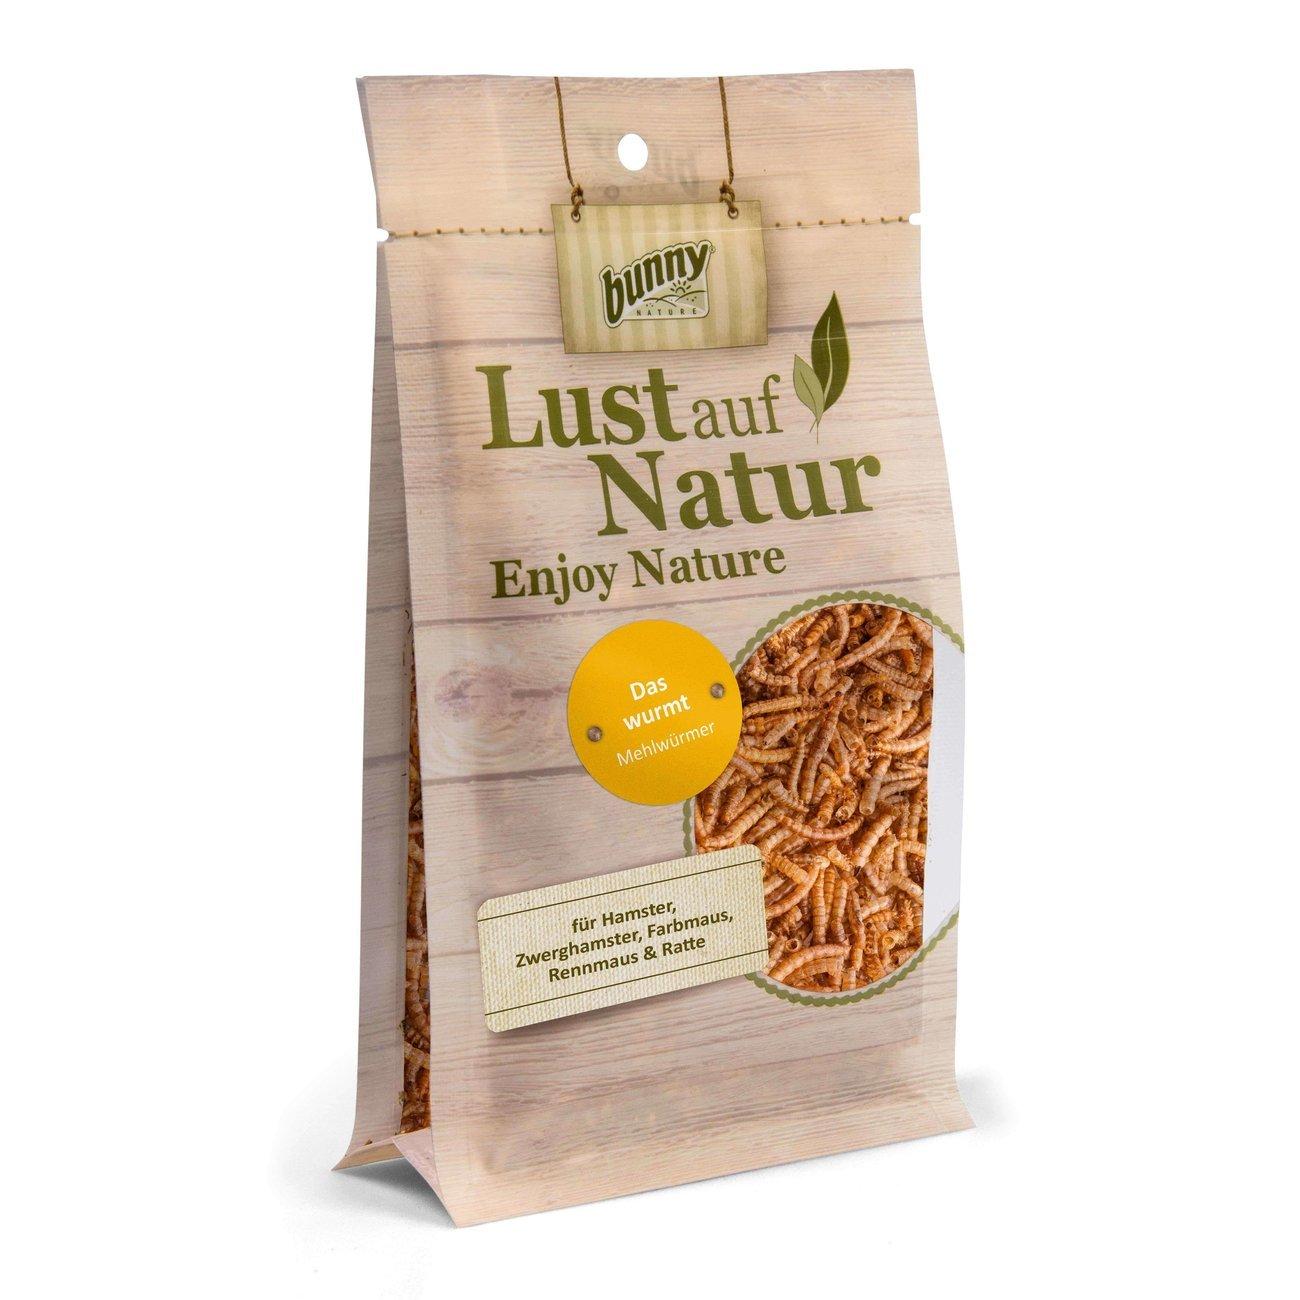 Bunny Das Wurmt Kleintier Snack, 35 g